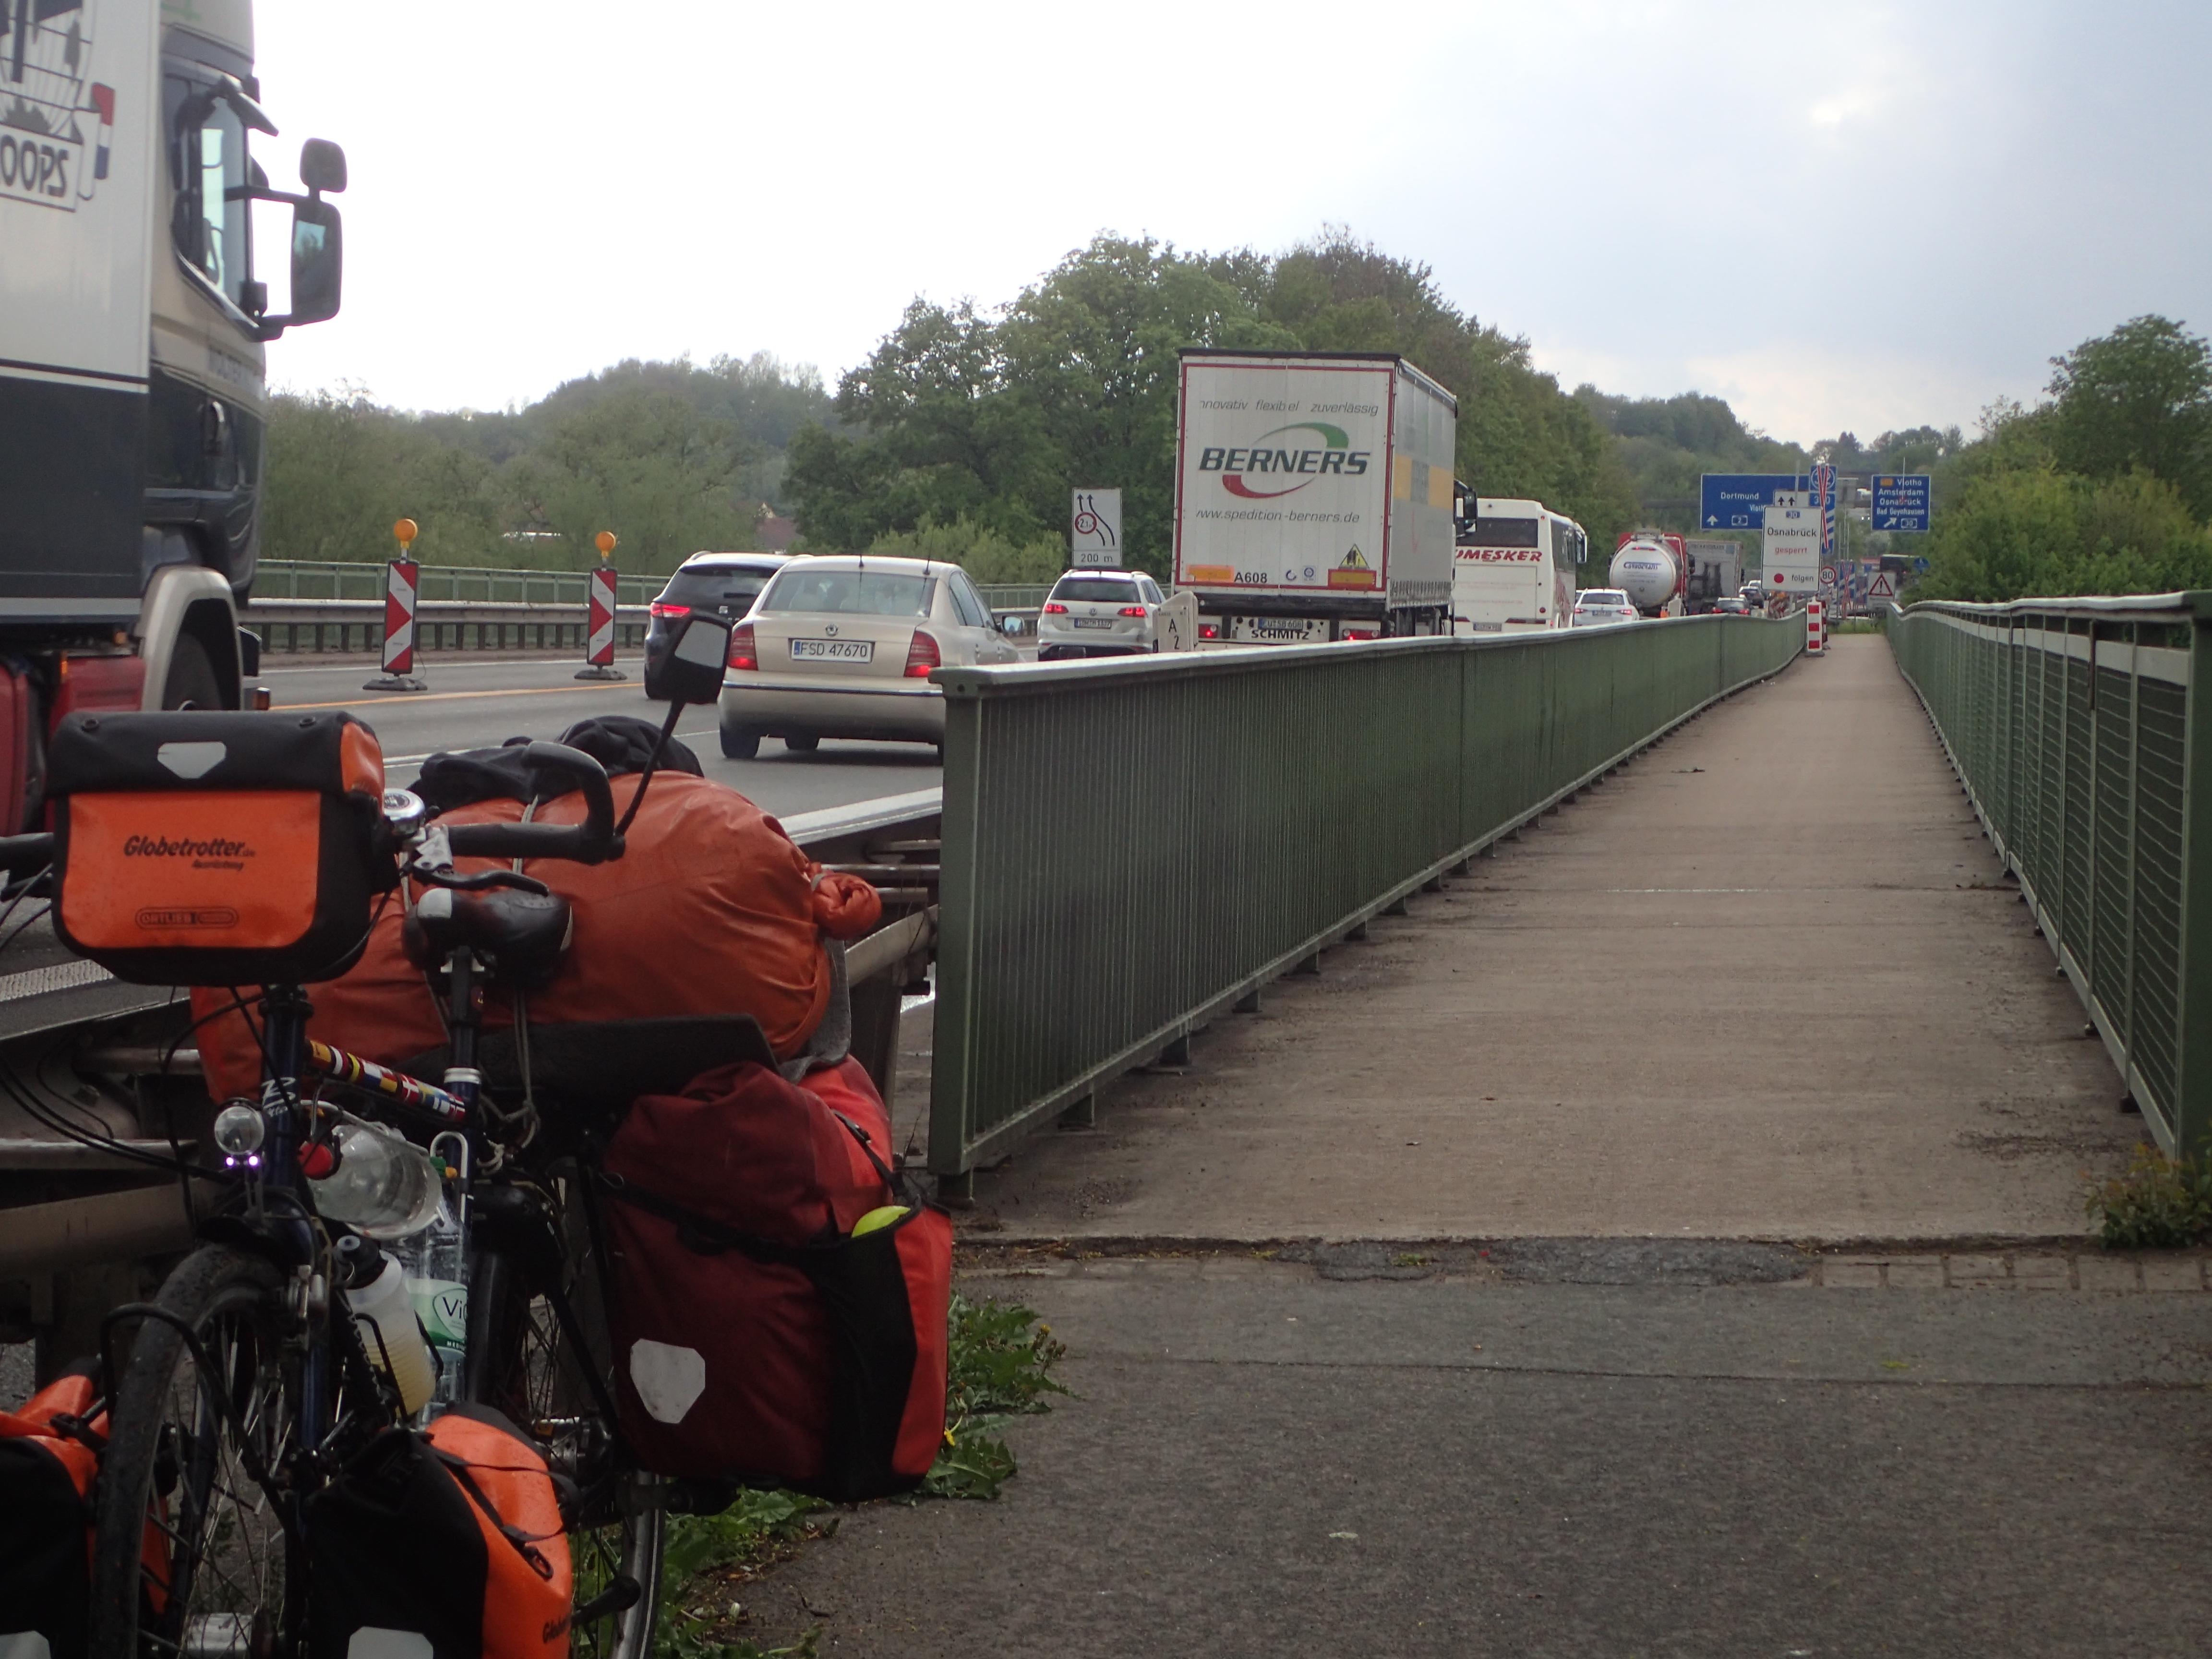 Hier führt der Rad- und Fußweg über eine Autobahnbrücke